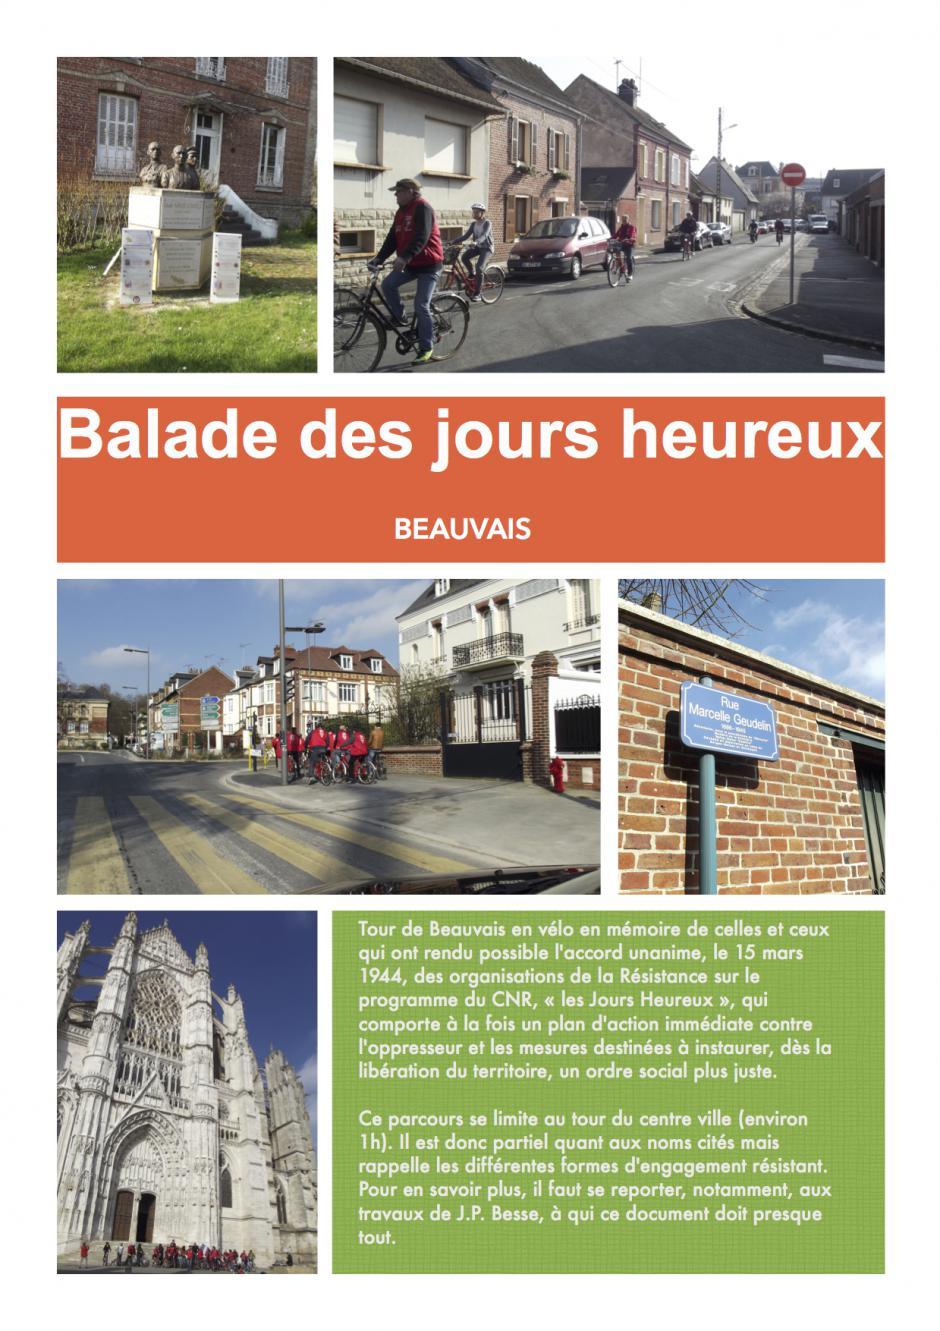 8 mai, Beauvais - Balade des Jours heureux (circuit du souvenir)